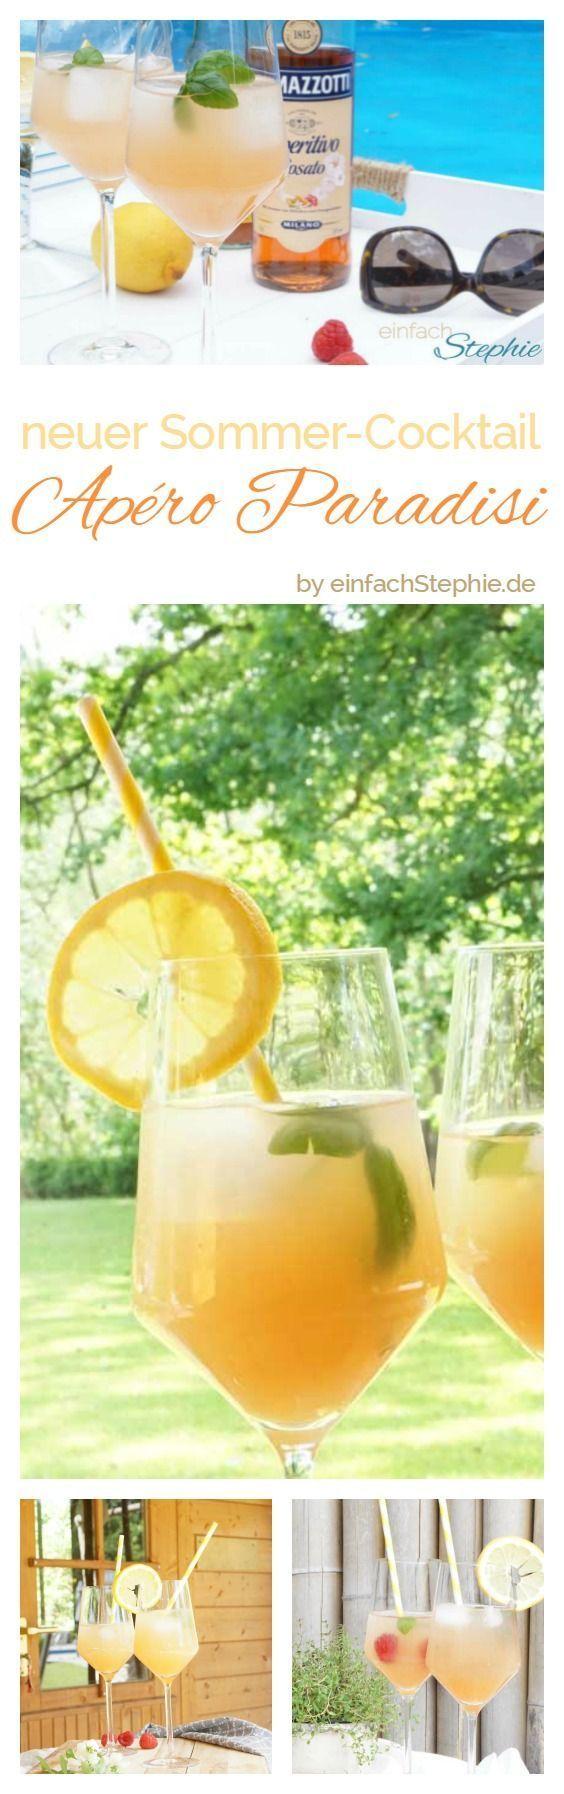 Neuer Sommer-Cocktail für liebe Freunde: Apéro Paradisi ⋆ einfach Stephie #nonalcoholicsummerdrinks